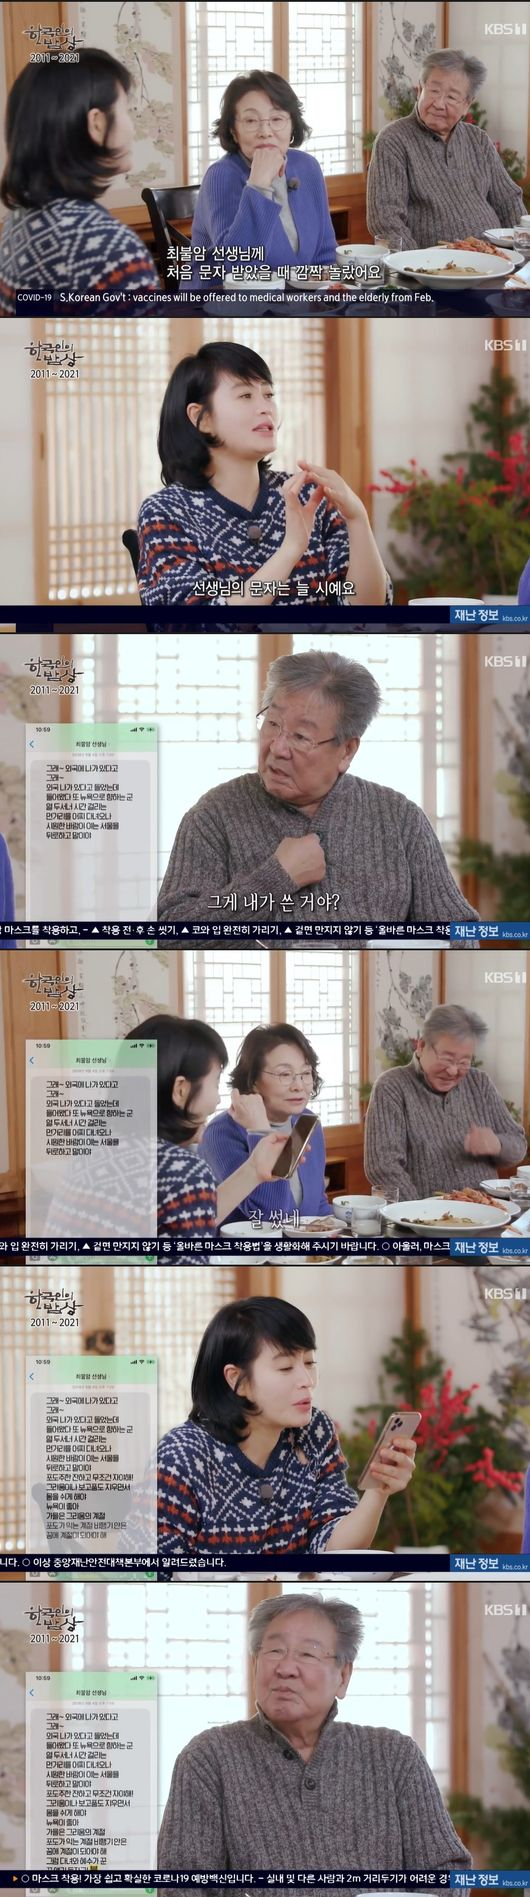 김혜수, 최불암 문자 저장하는 이유? 김민자 질투 폭발 (한국인의밥상)